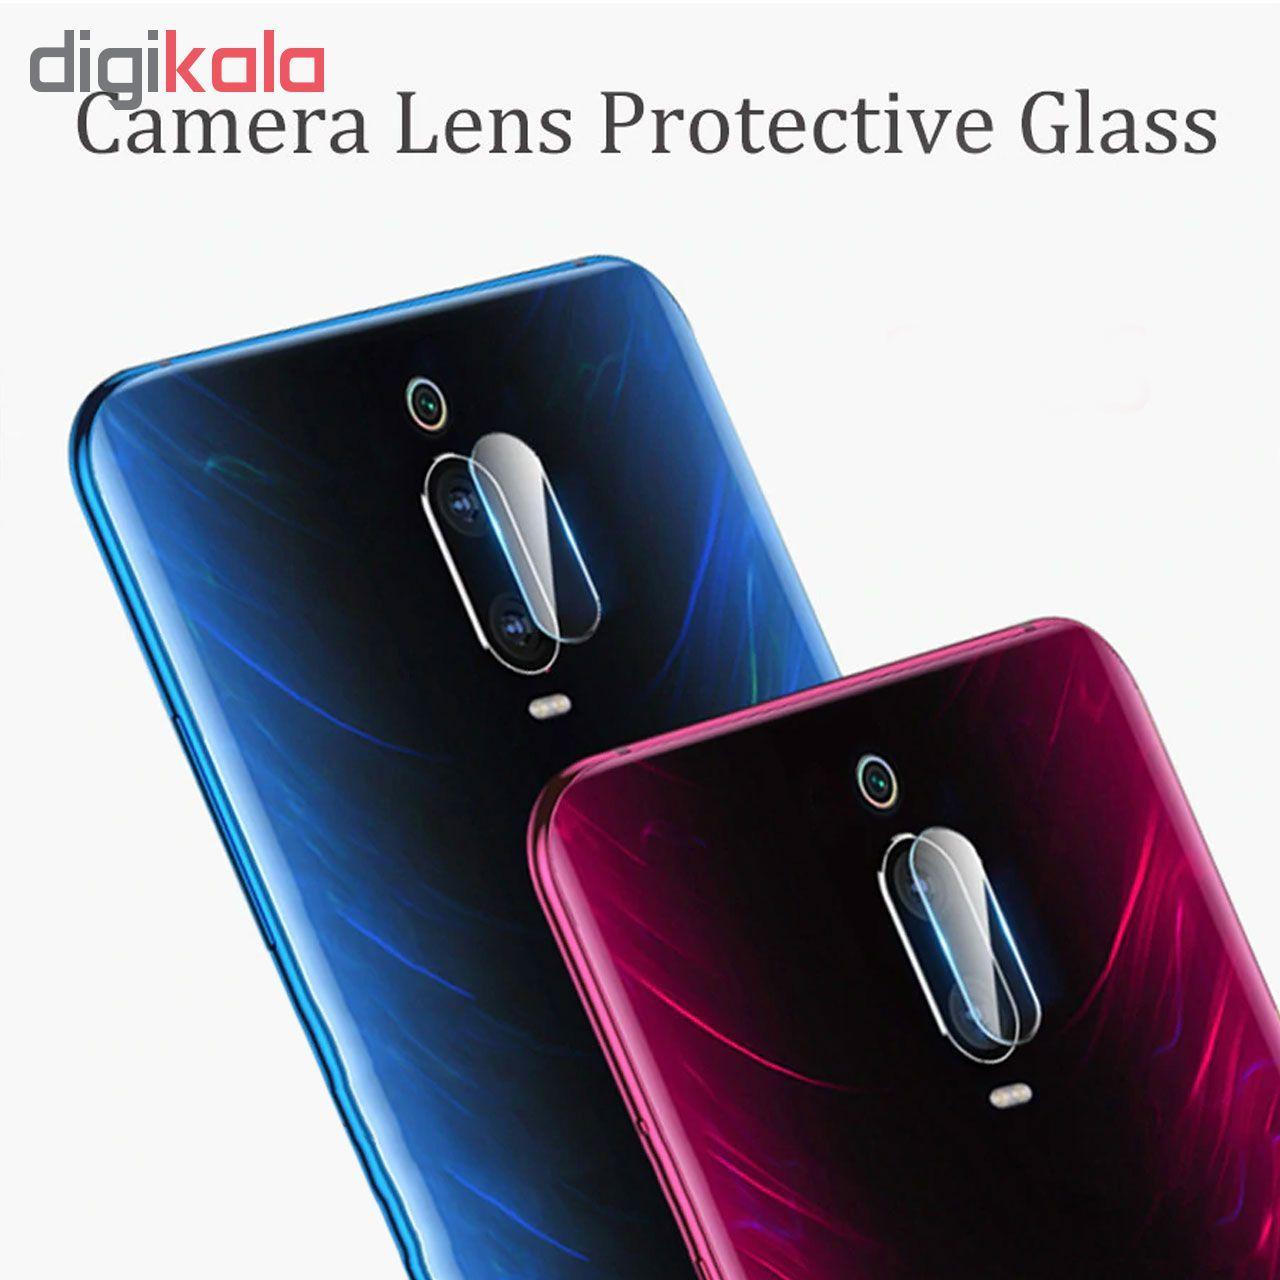 محافظ لنز دوربین تراستکتور مدل CLP مناسب برای گوشی موبایل شیائومی Redmi K20 / K20 Pro بسته 5 عددی main 1 5